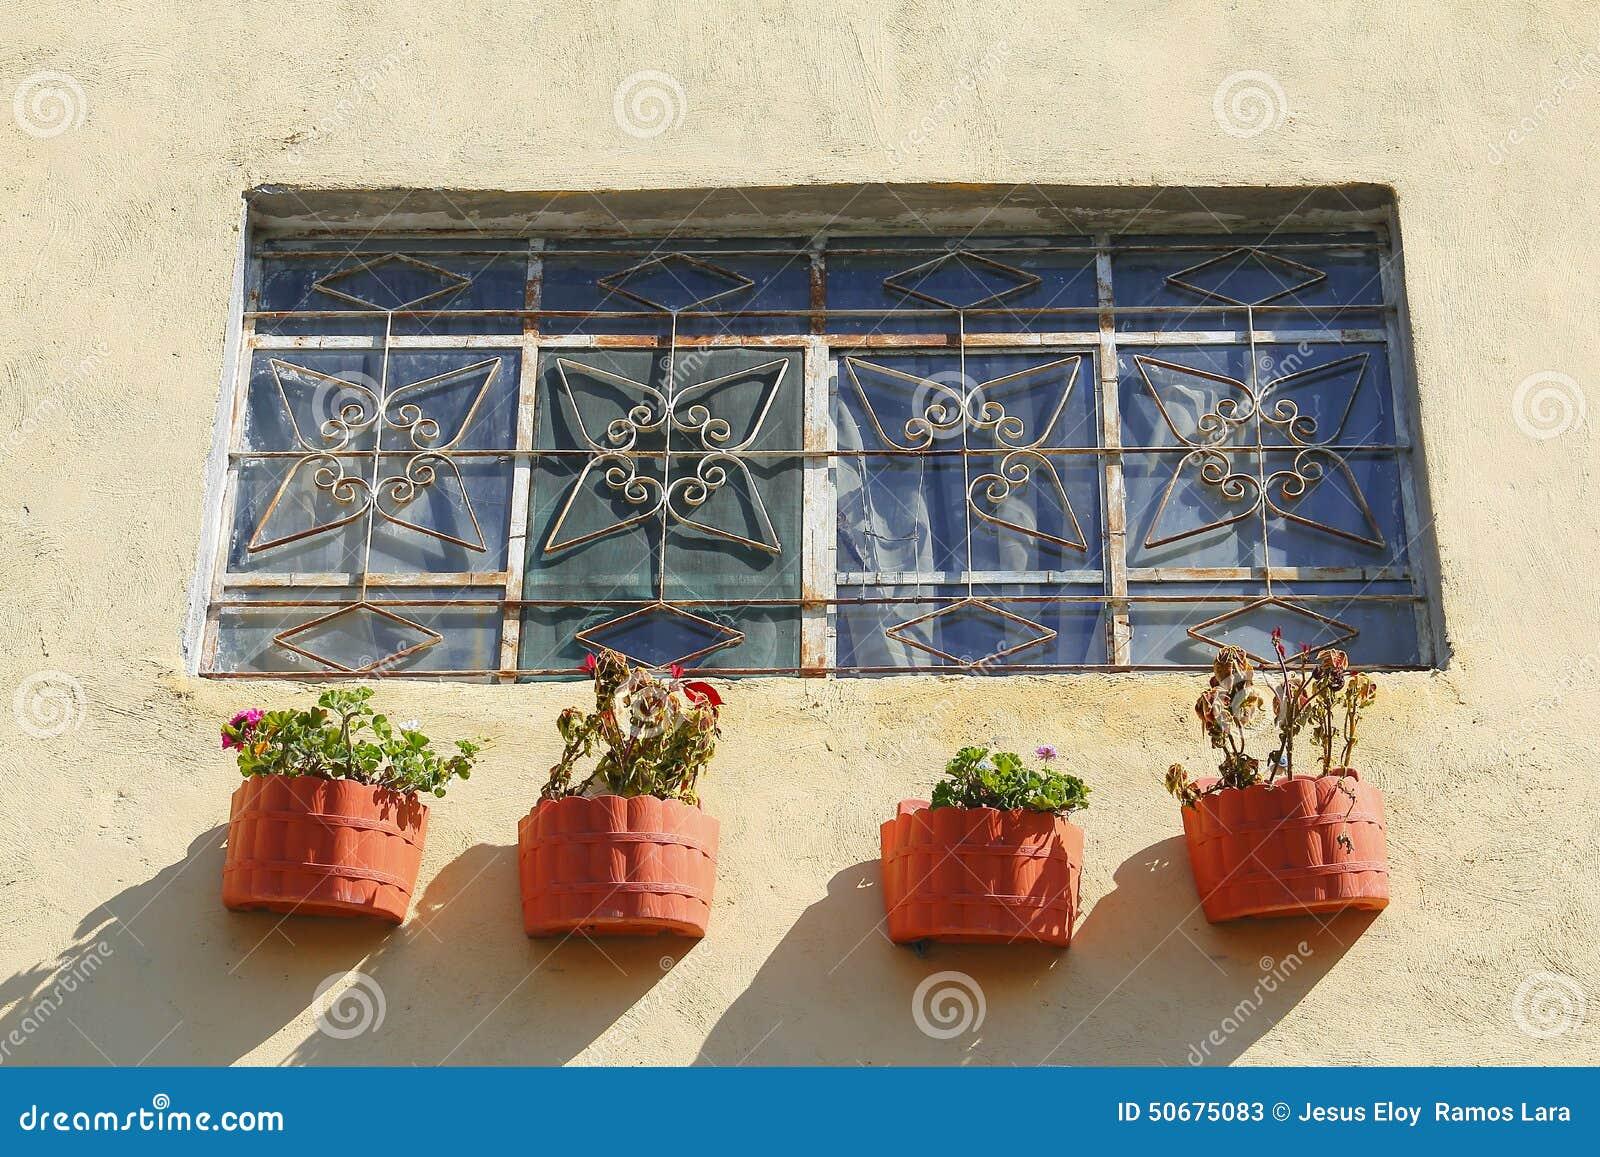 Download 与罐的窗口我 库存图片. 图片 包括有 工厂, 状态, 普埃布拉, 目的地, 拱道, 墨西哥, 户外, 视窗 - 50675083